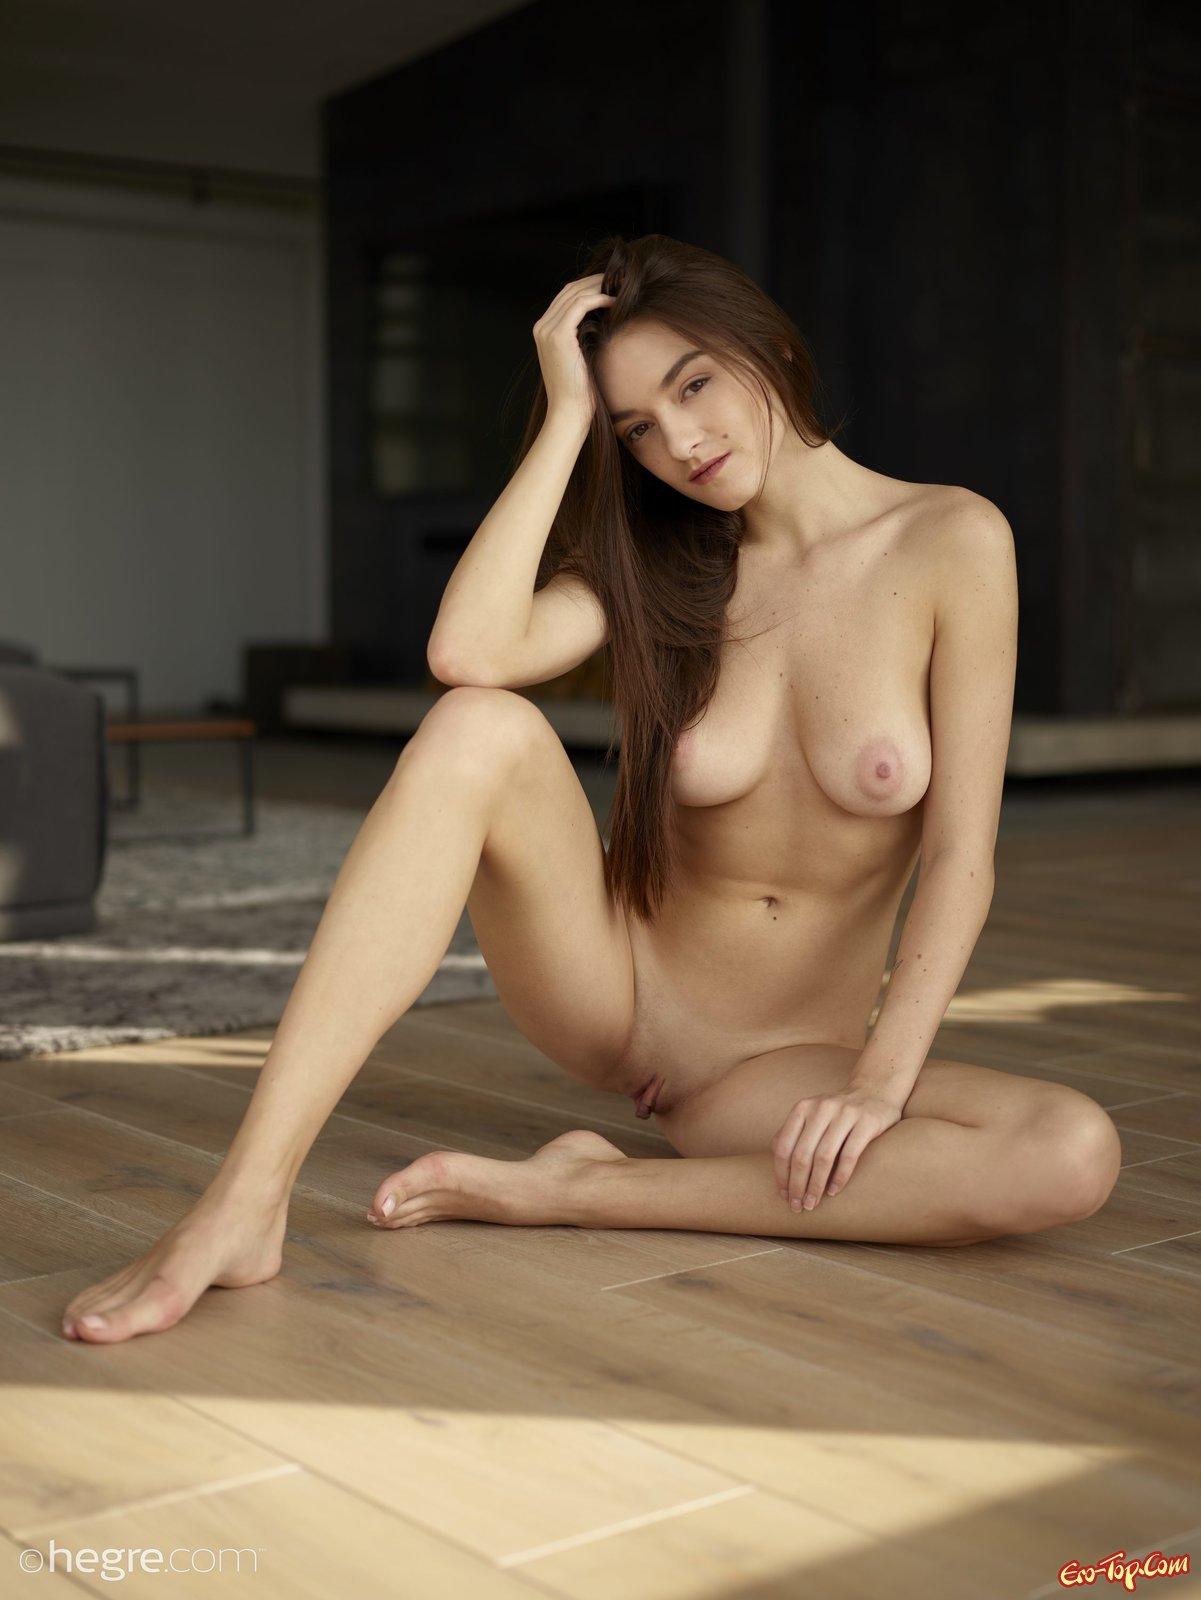 Шатенка с натуральной грудью раздвигает ноги на полу